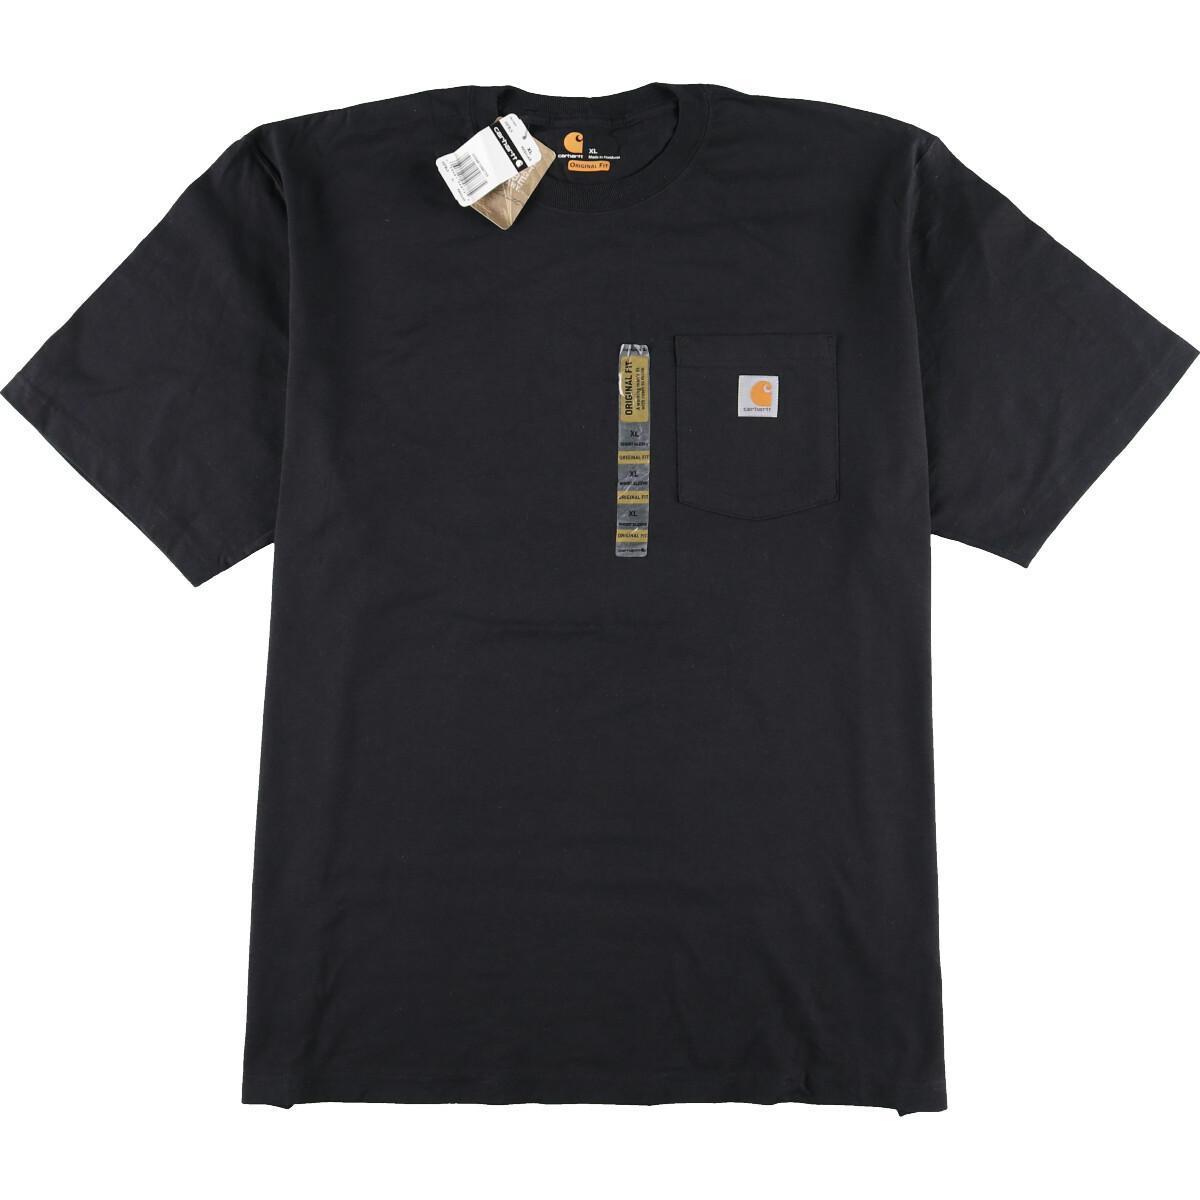 DEAD STOCK デッドストック カーハート 新登場 Carhartt ORIGINAL ワンポイントロゴポケットTシャツ 210503 中古 FIT 豊富な品 メンズXXL eaa158672